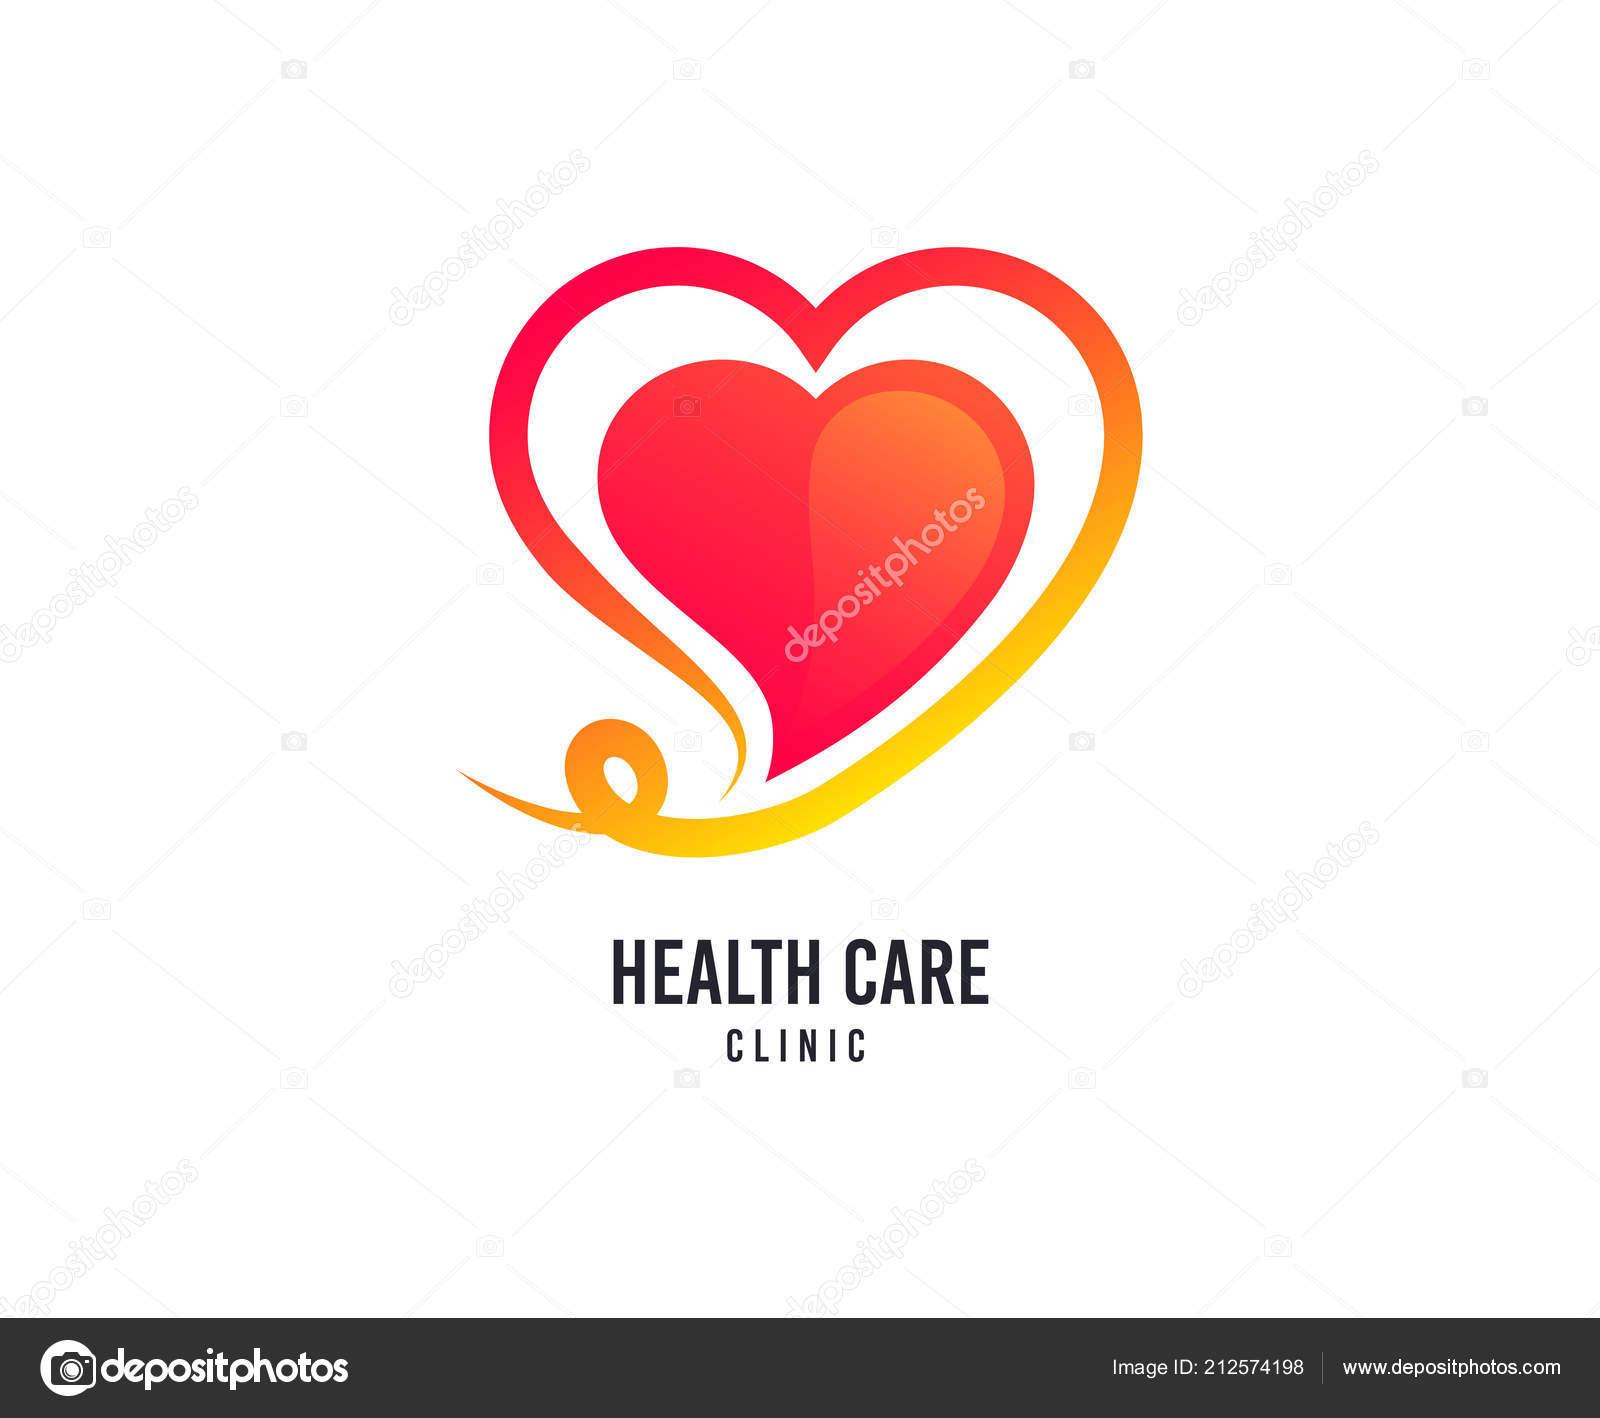 820f83e5c34e Сердце Логотип Здравоохранение Векторный Icon День Святого Валентина ...